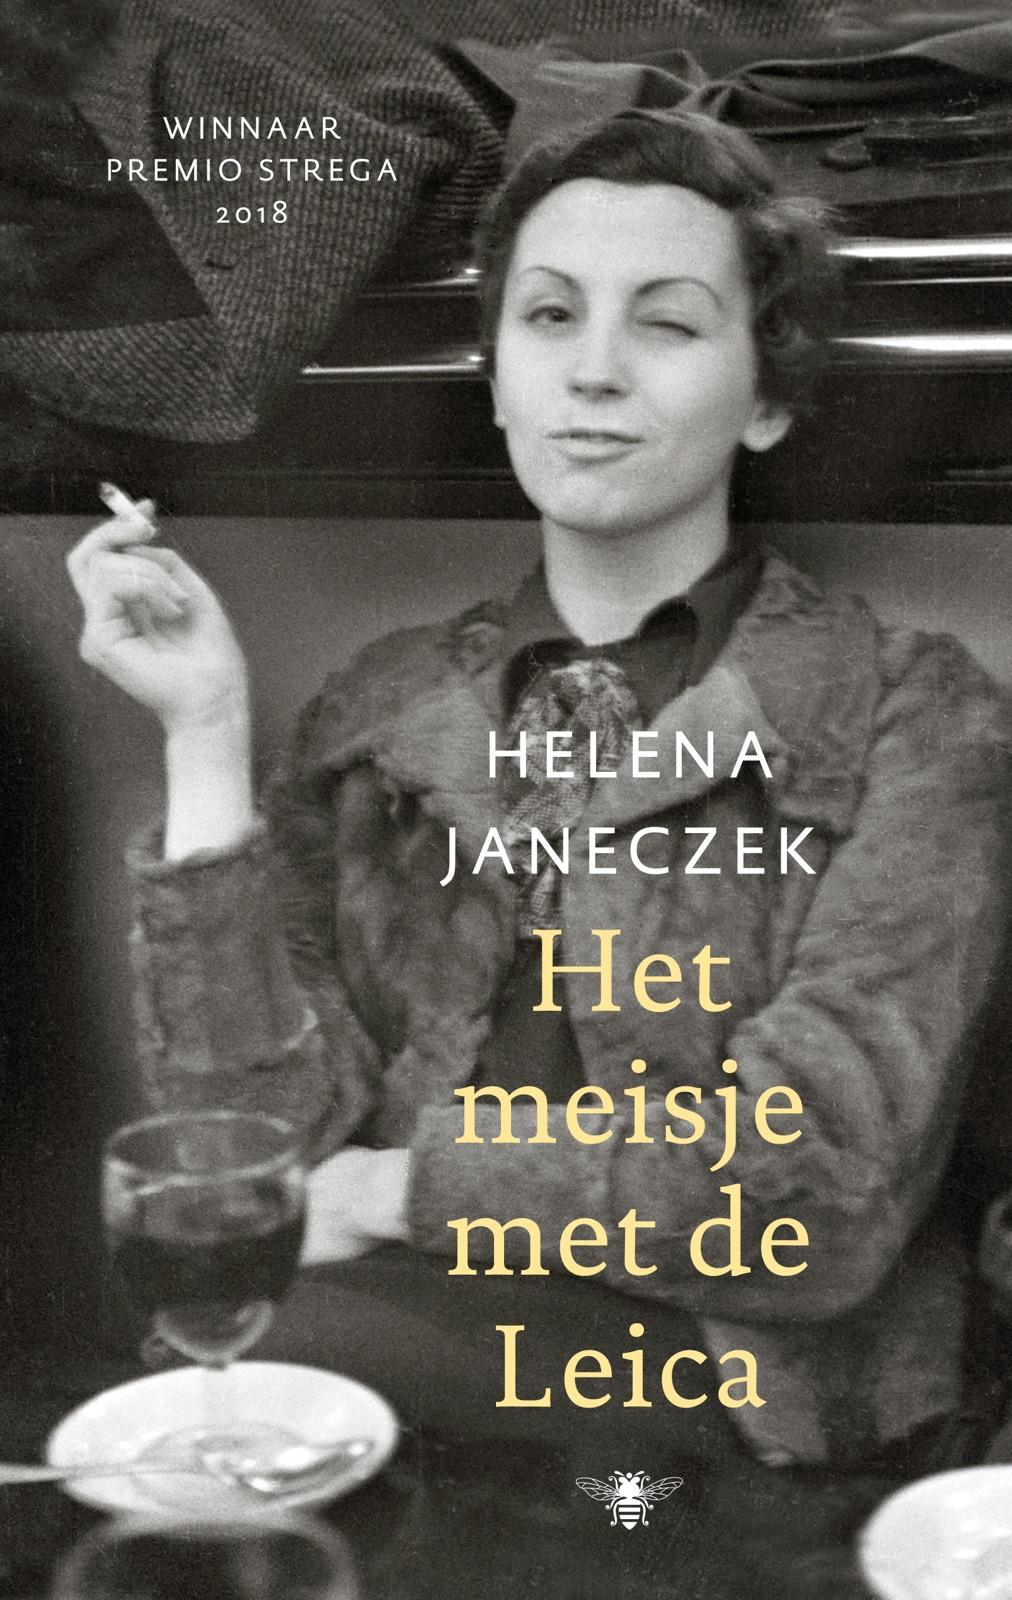 coverfoto van het boek Het meisje met de Leica van Helena Janeczek